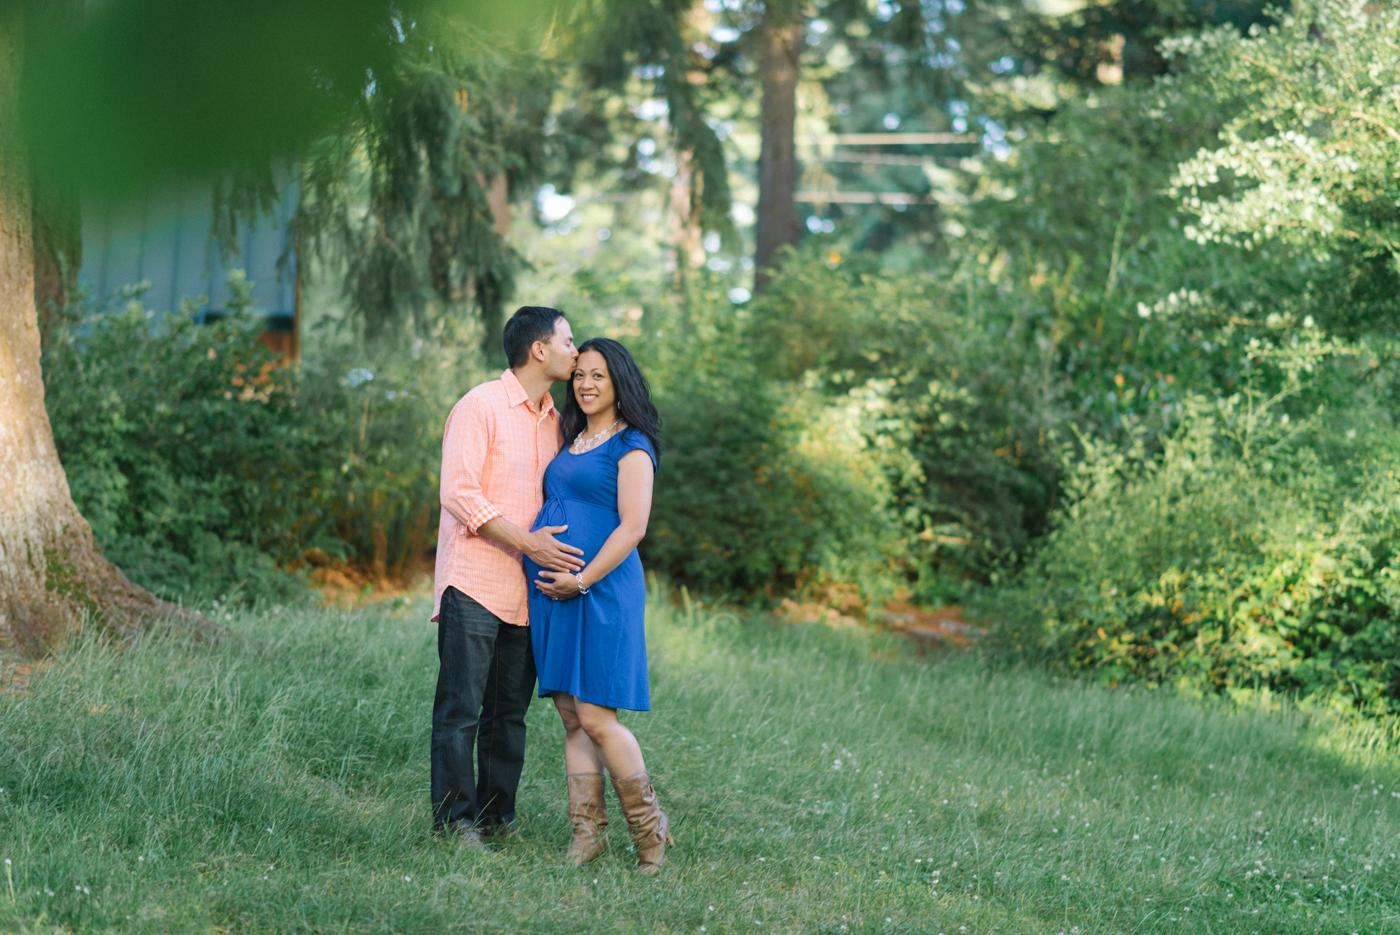 Portland-oregon-maternity-photography-couple-Hoyt-Arboretum-Washington-Park-professional-family-session-photos-natural-woodland-9